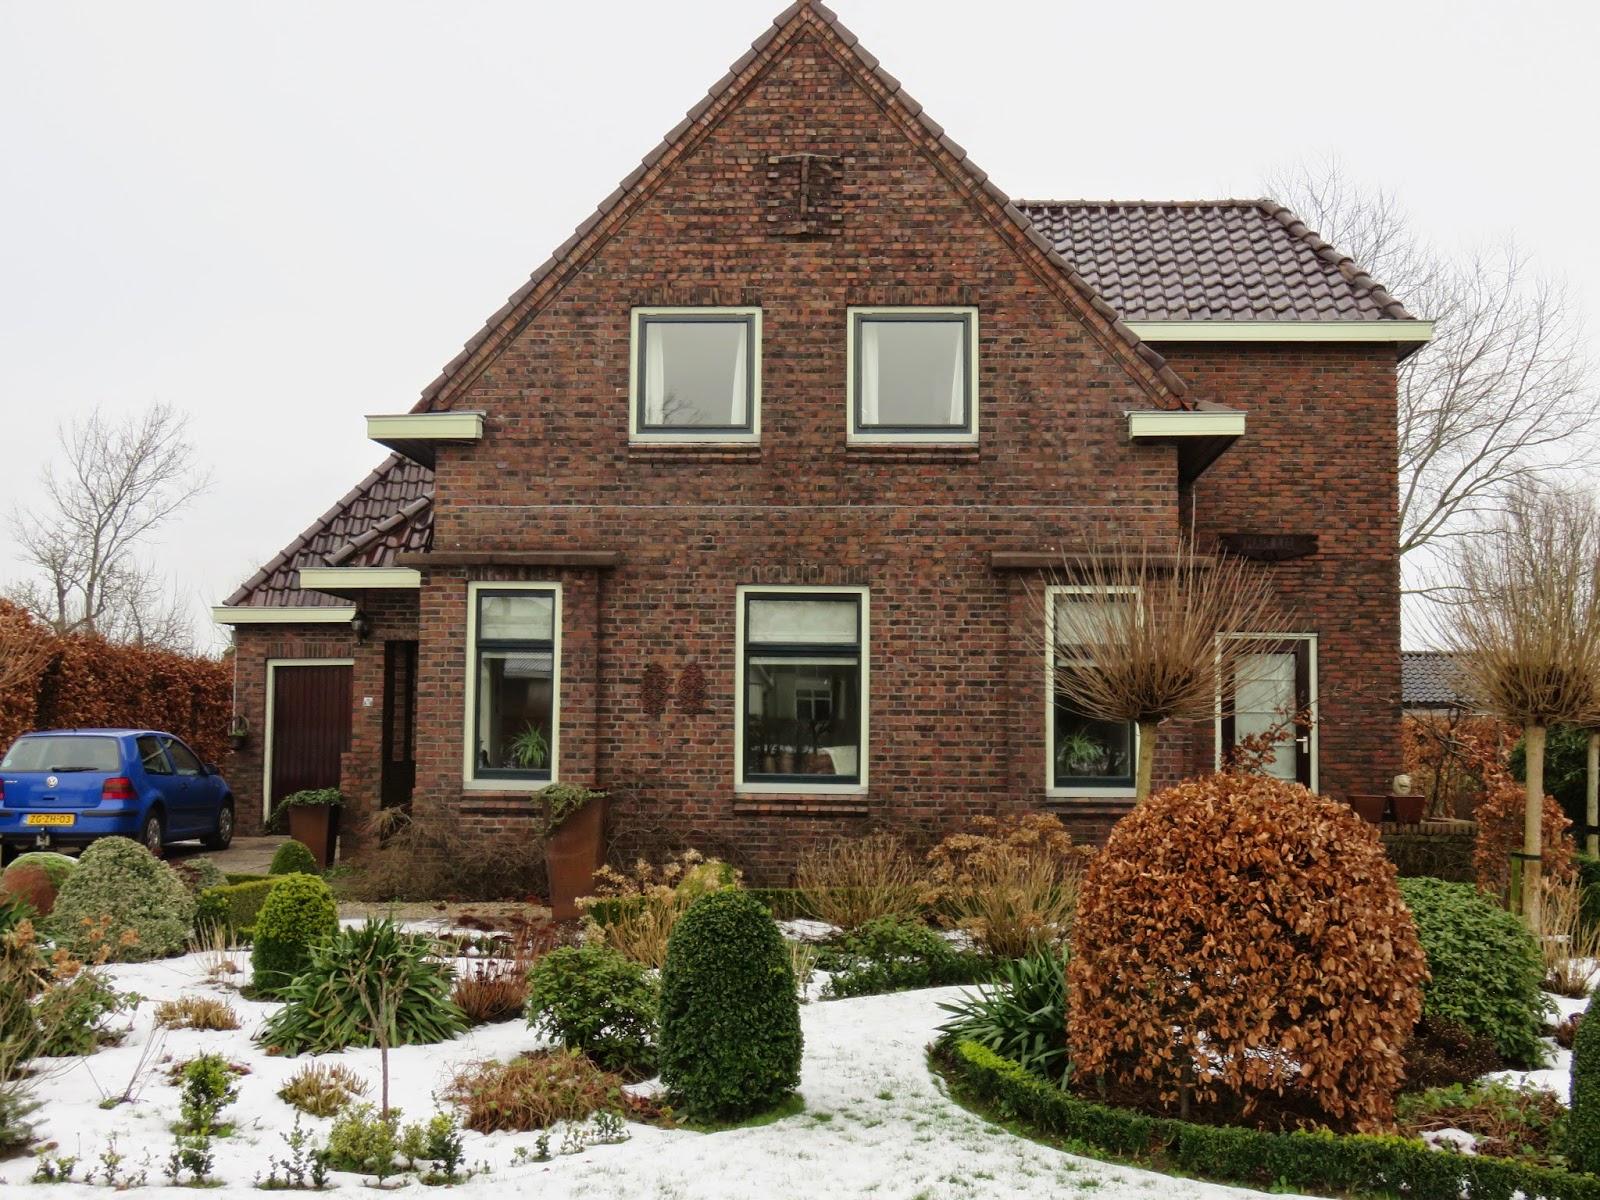 Architecten provincie groningen: amsterdamse schoolstijl in groningen